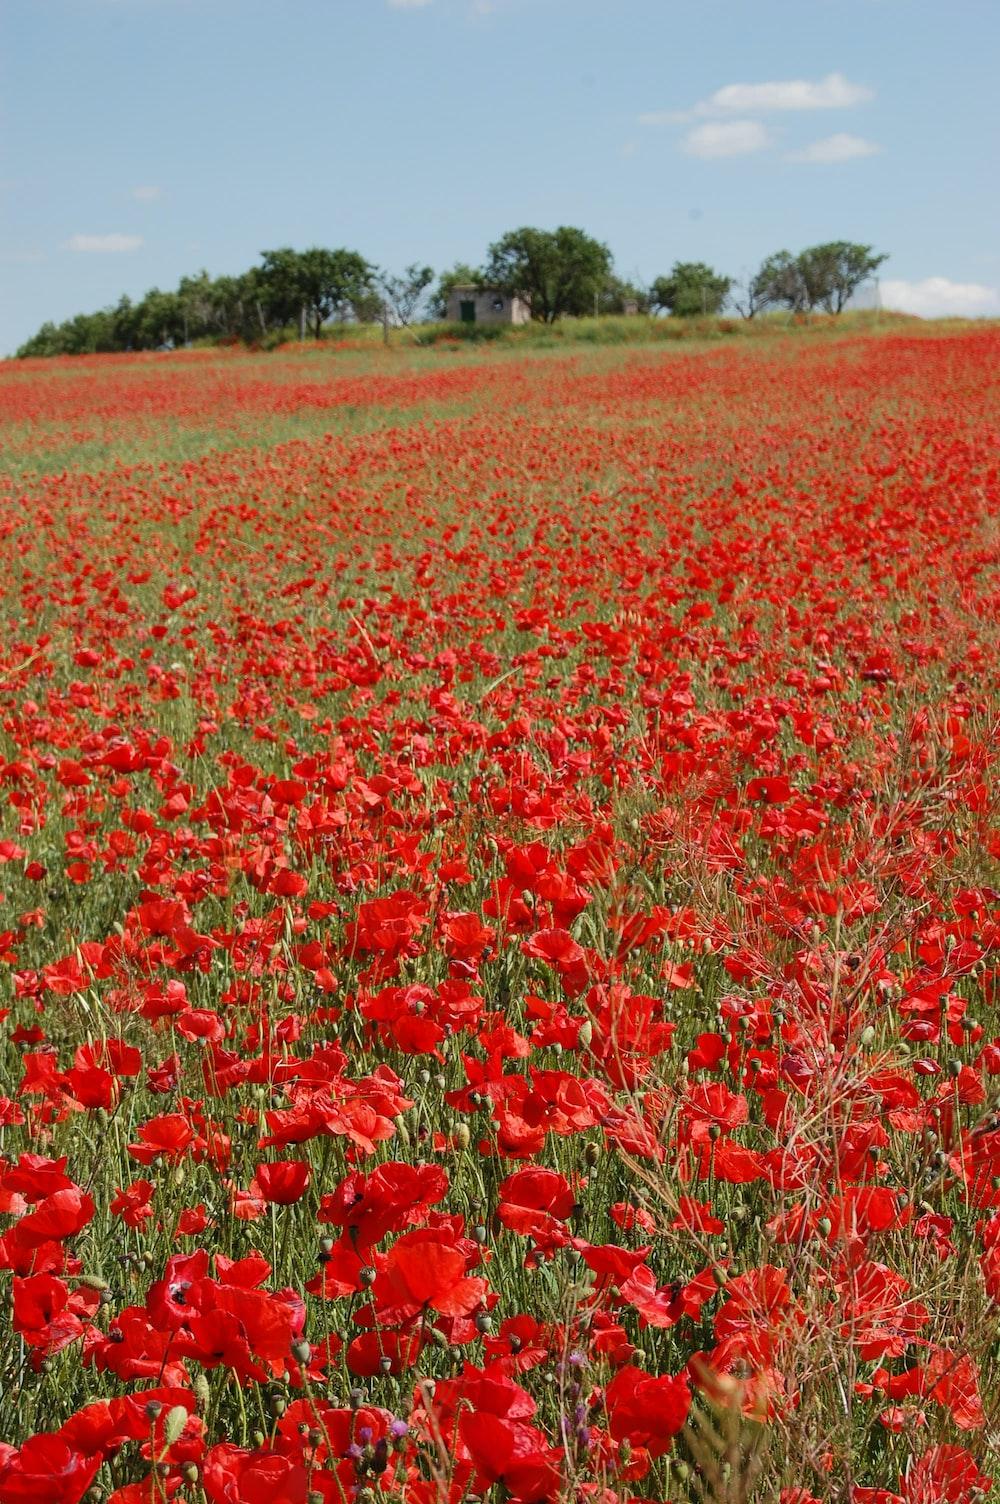 red-petaled flower field